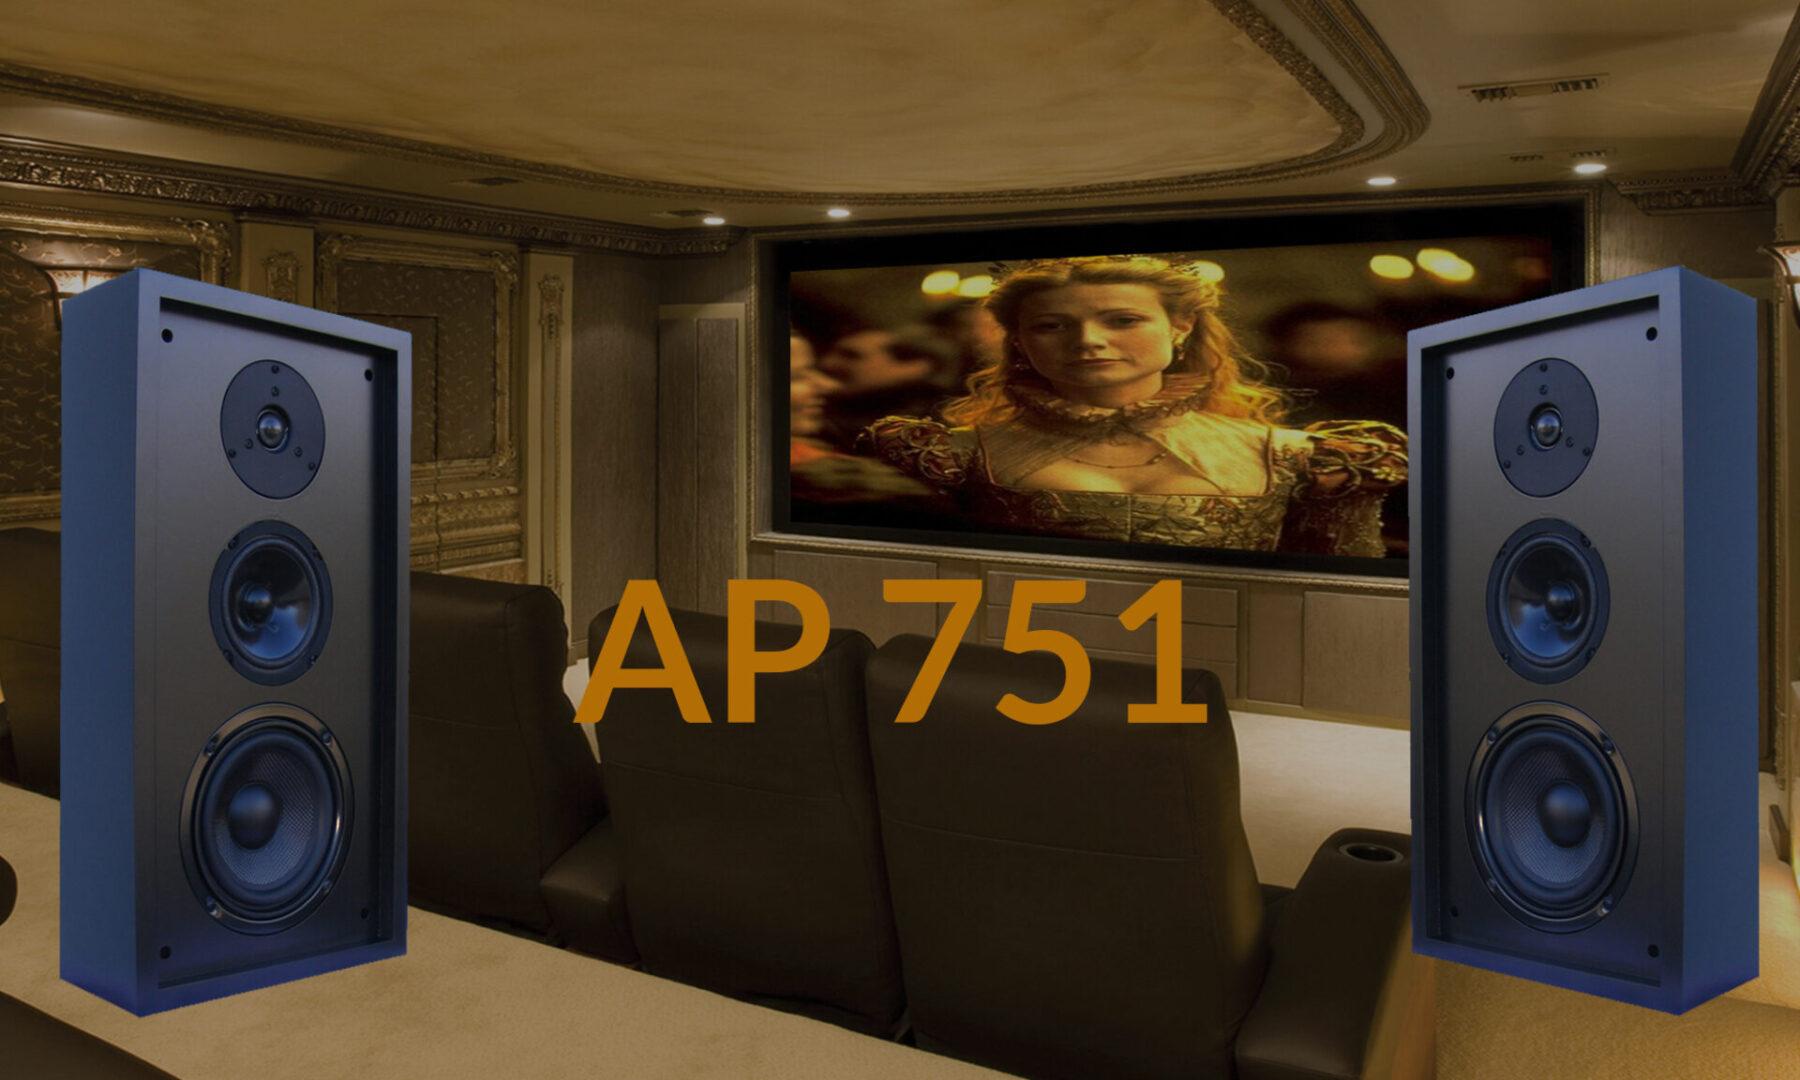 AP_751_full_size_header